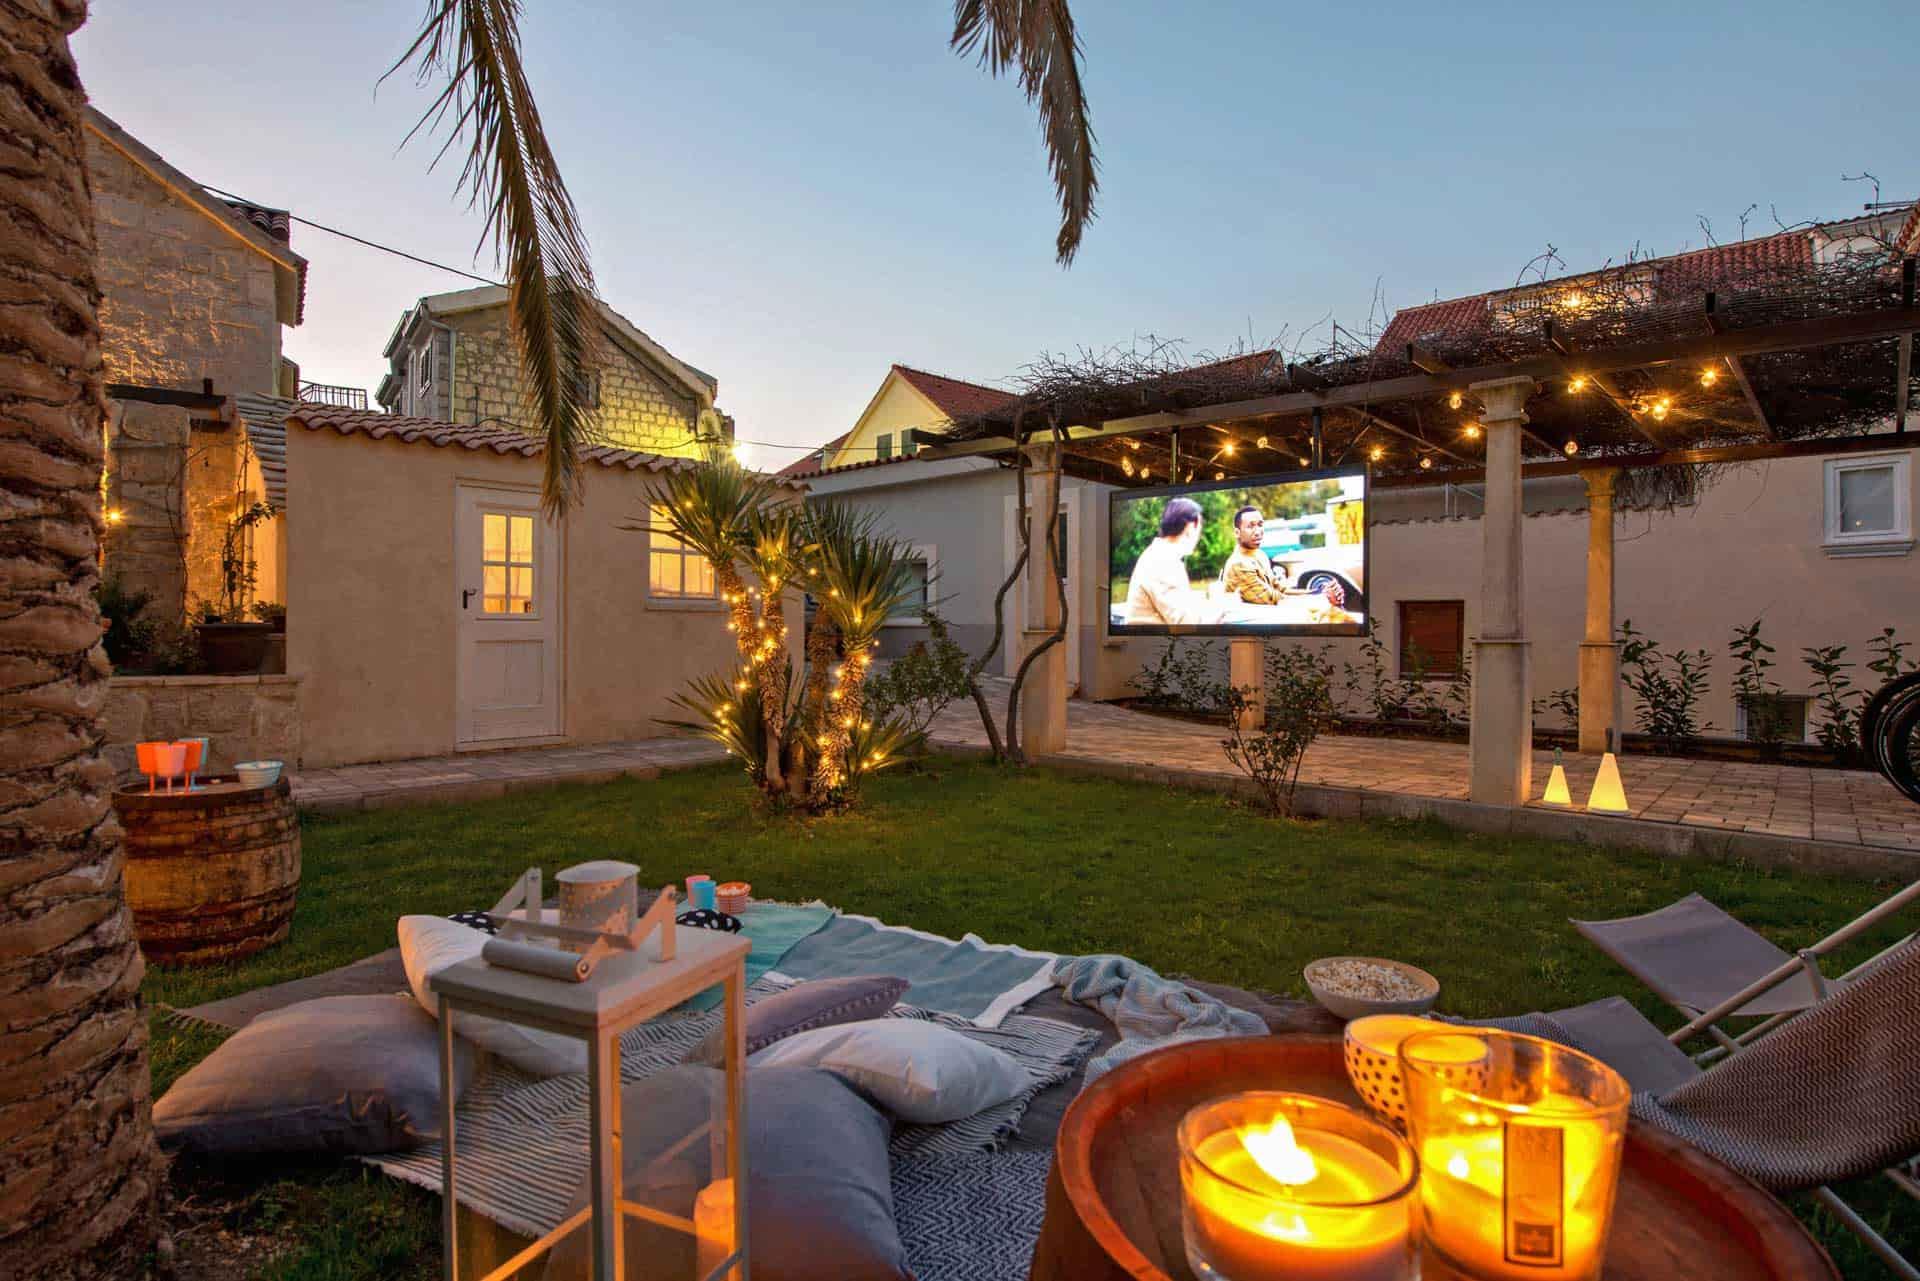 Vila za odmor s bazenom, vanjski vrt osvijetljen sviječama sa televizijom